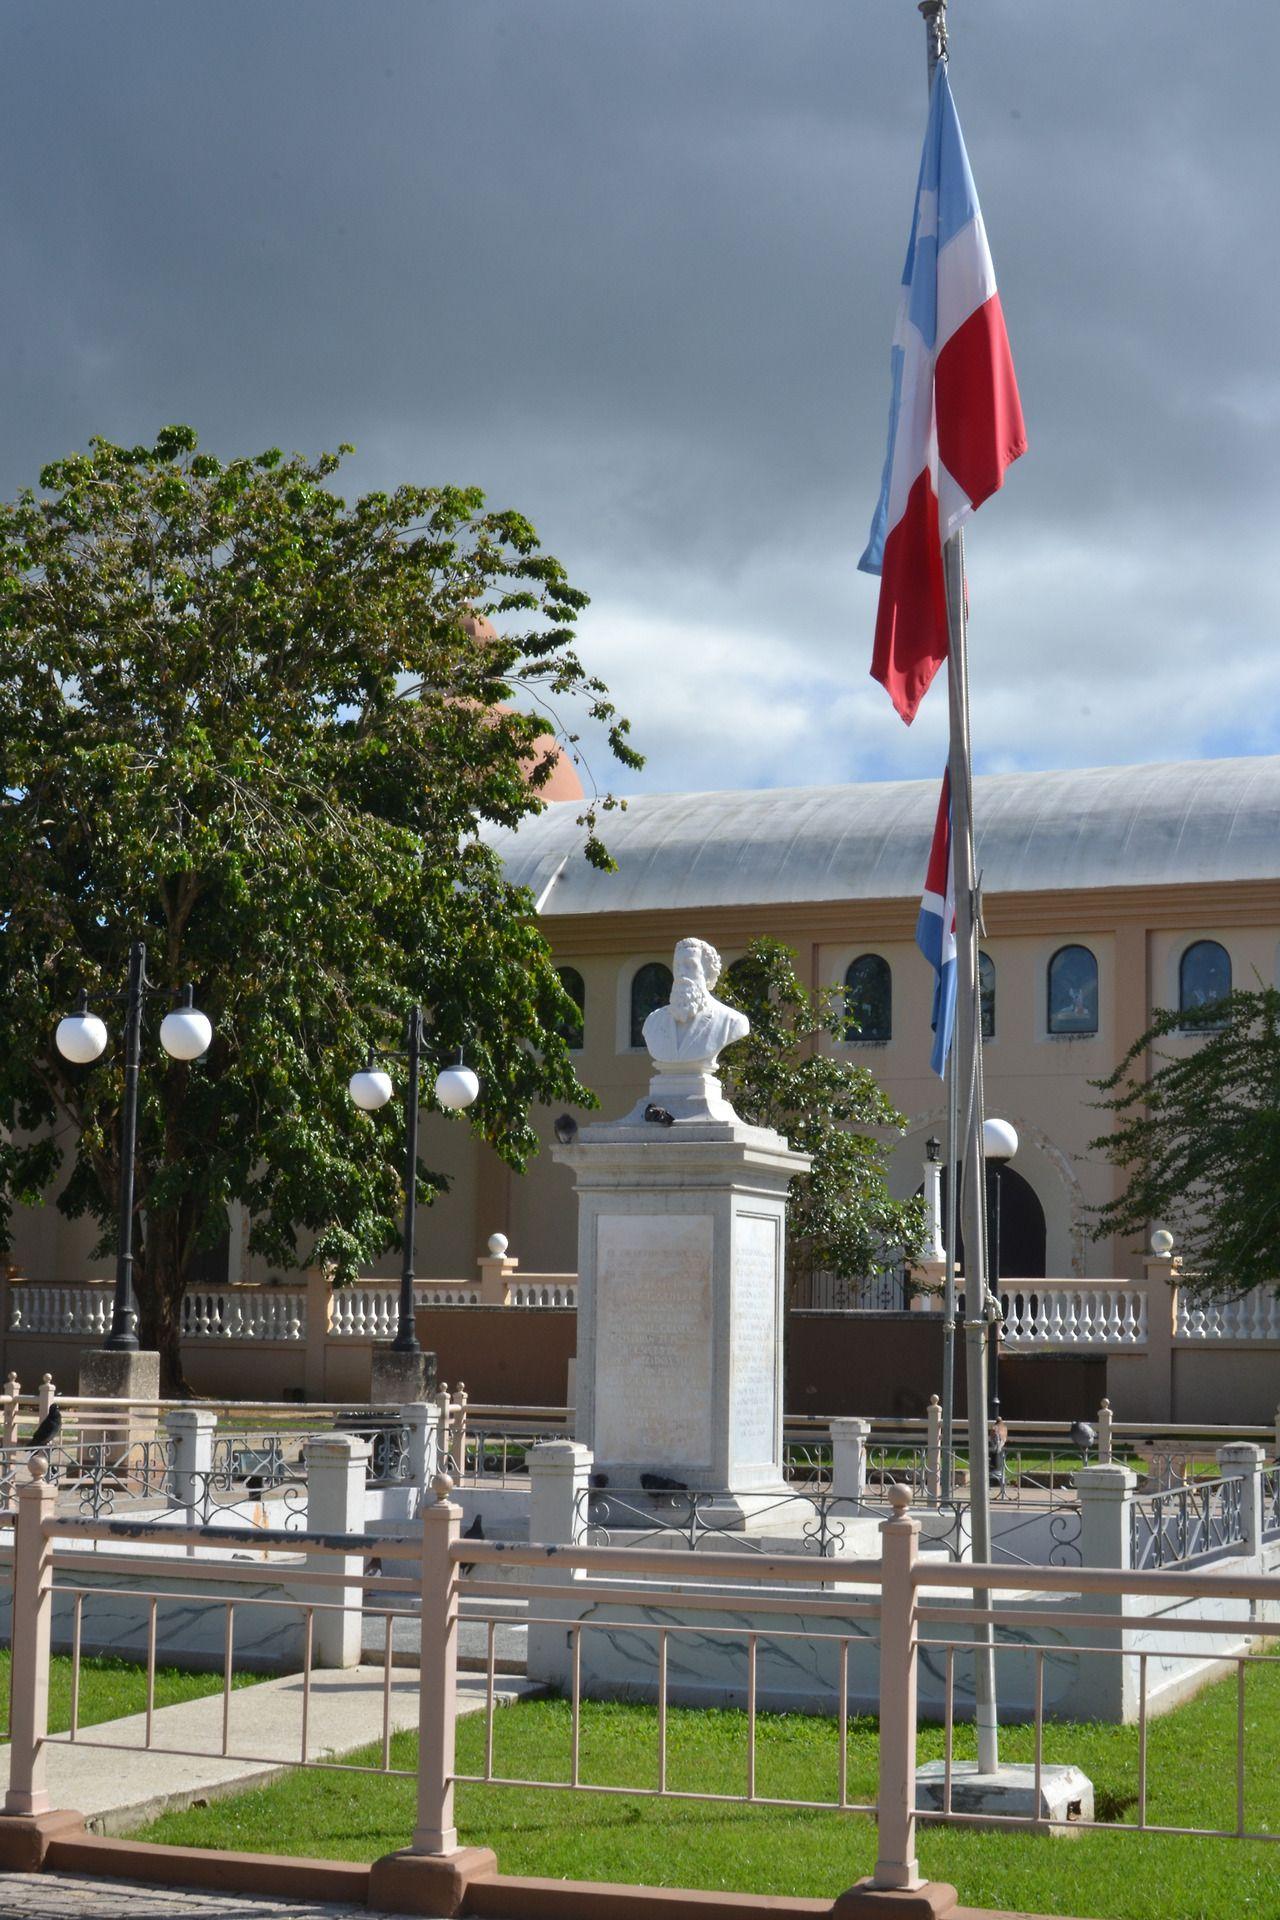 Monument to Eugenio María de Hostos in Cabo Rojo's Plaza, Puerto Rico.